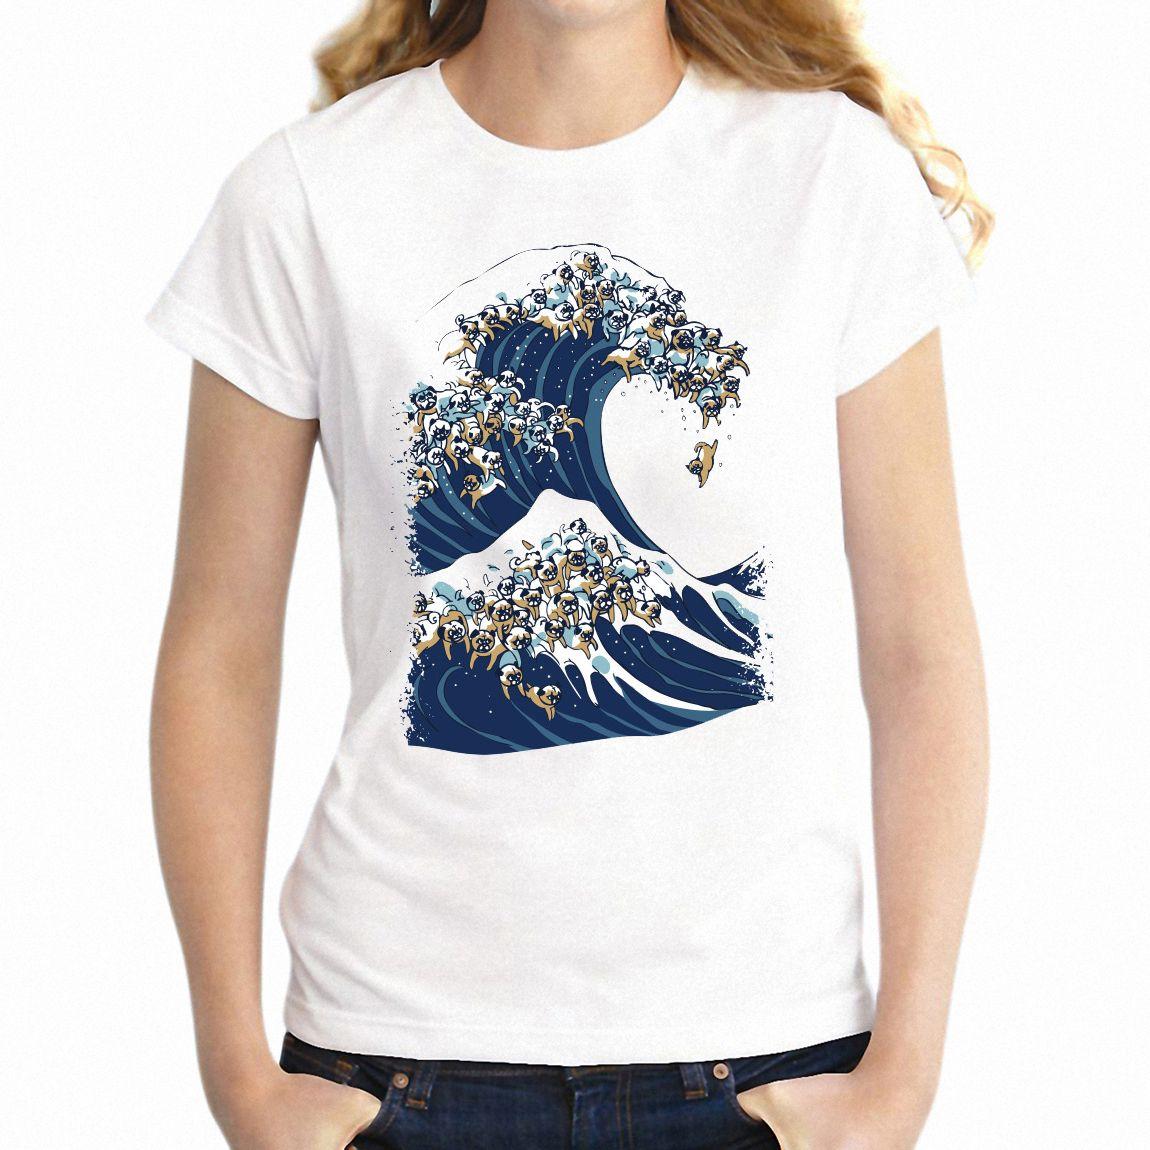 Camiseta de las mujeres La gran ola de Kanagawa amasado Off impresionante tee de Animales chica